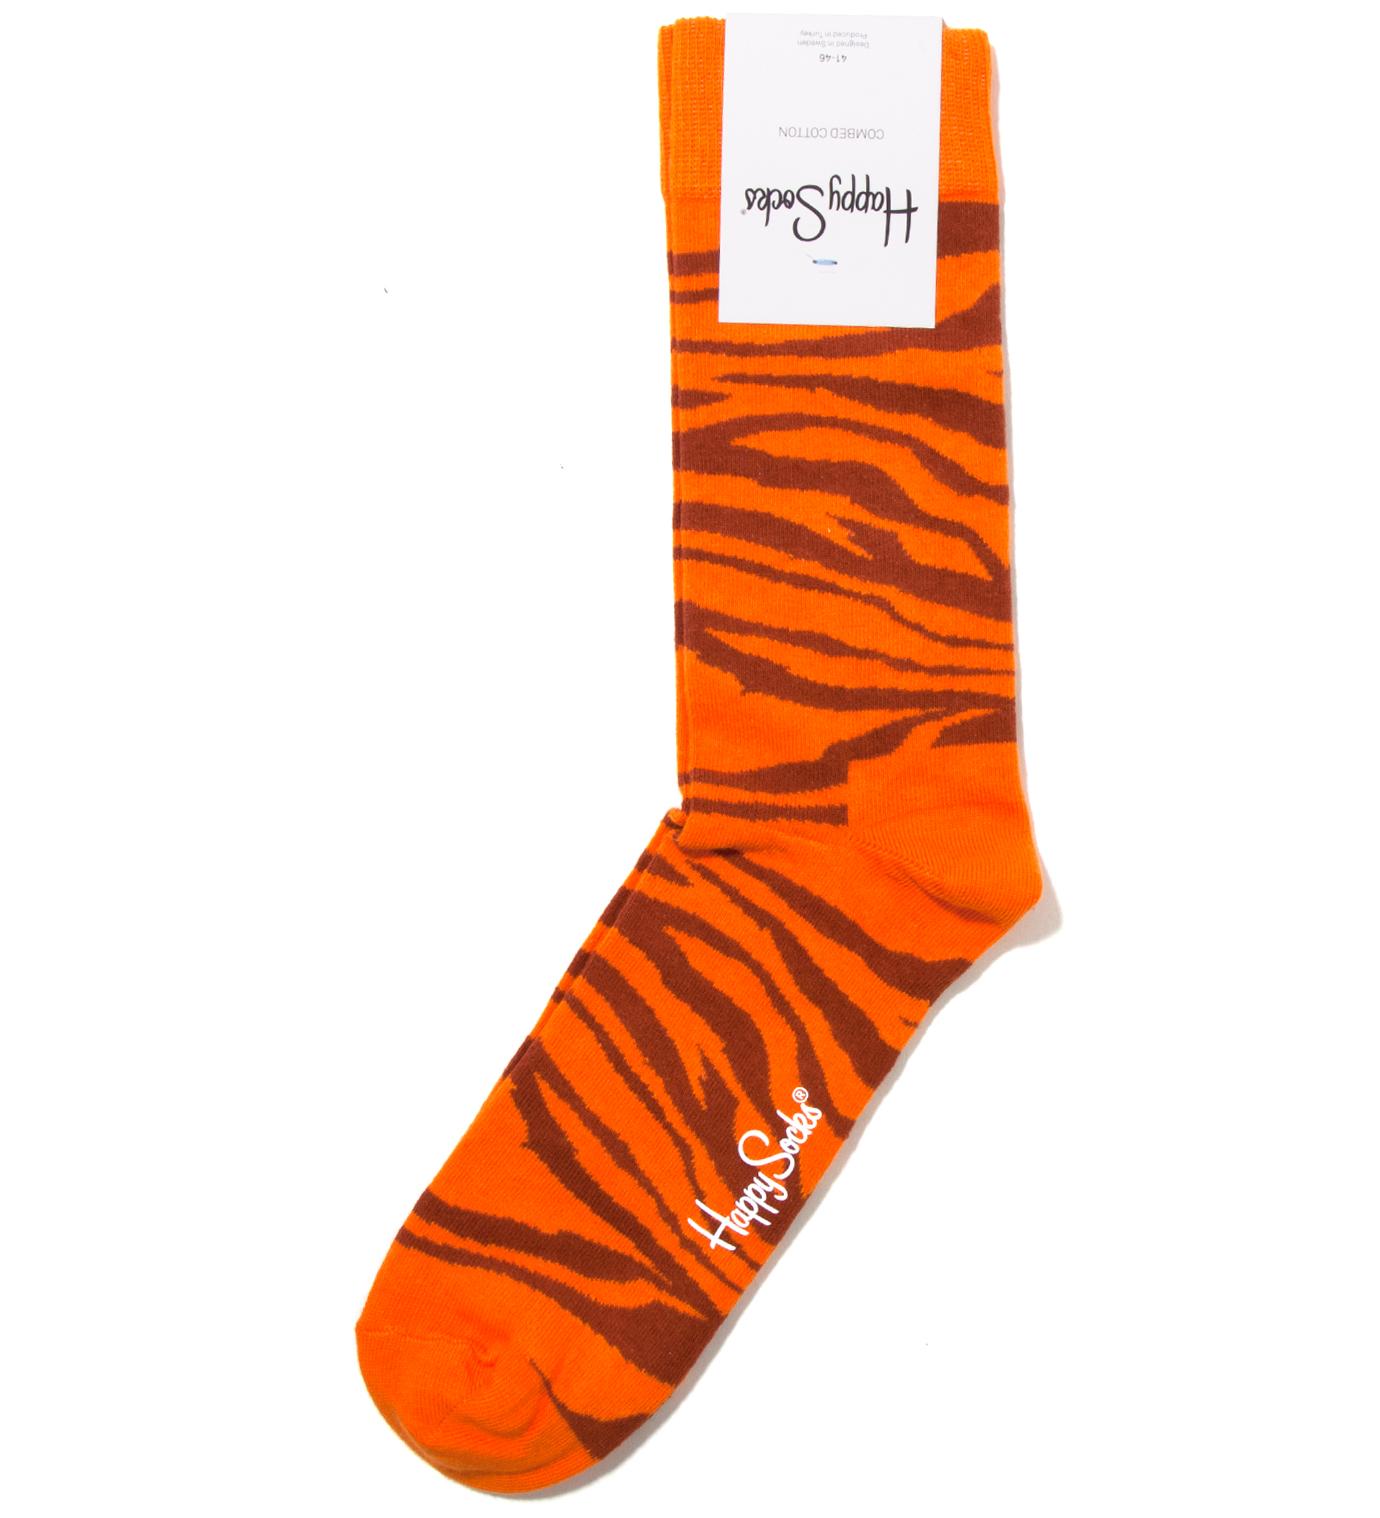 Happy Socks Animal Orange Zebra Sock